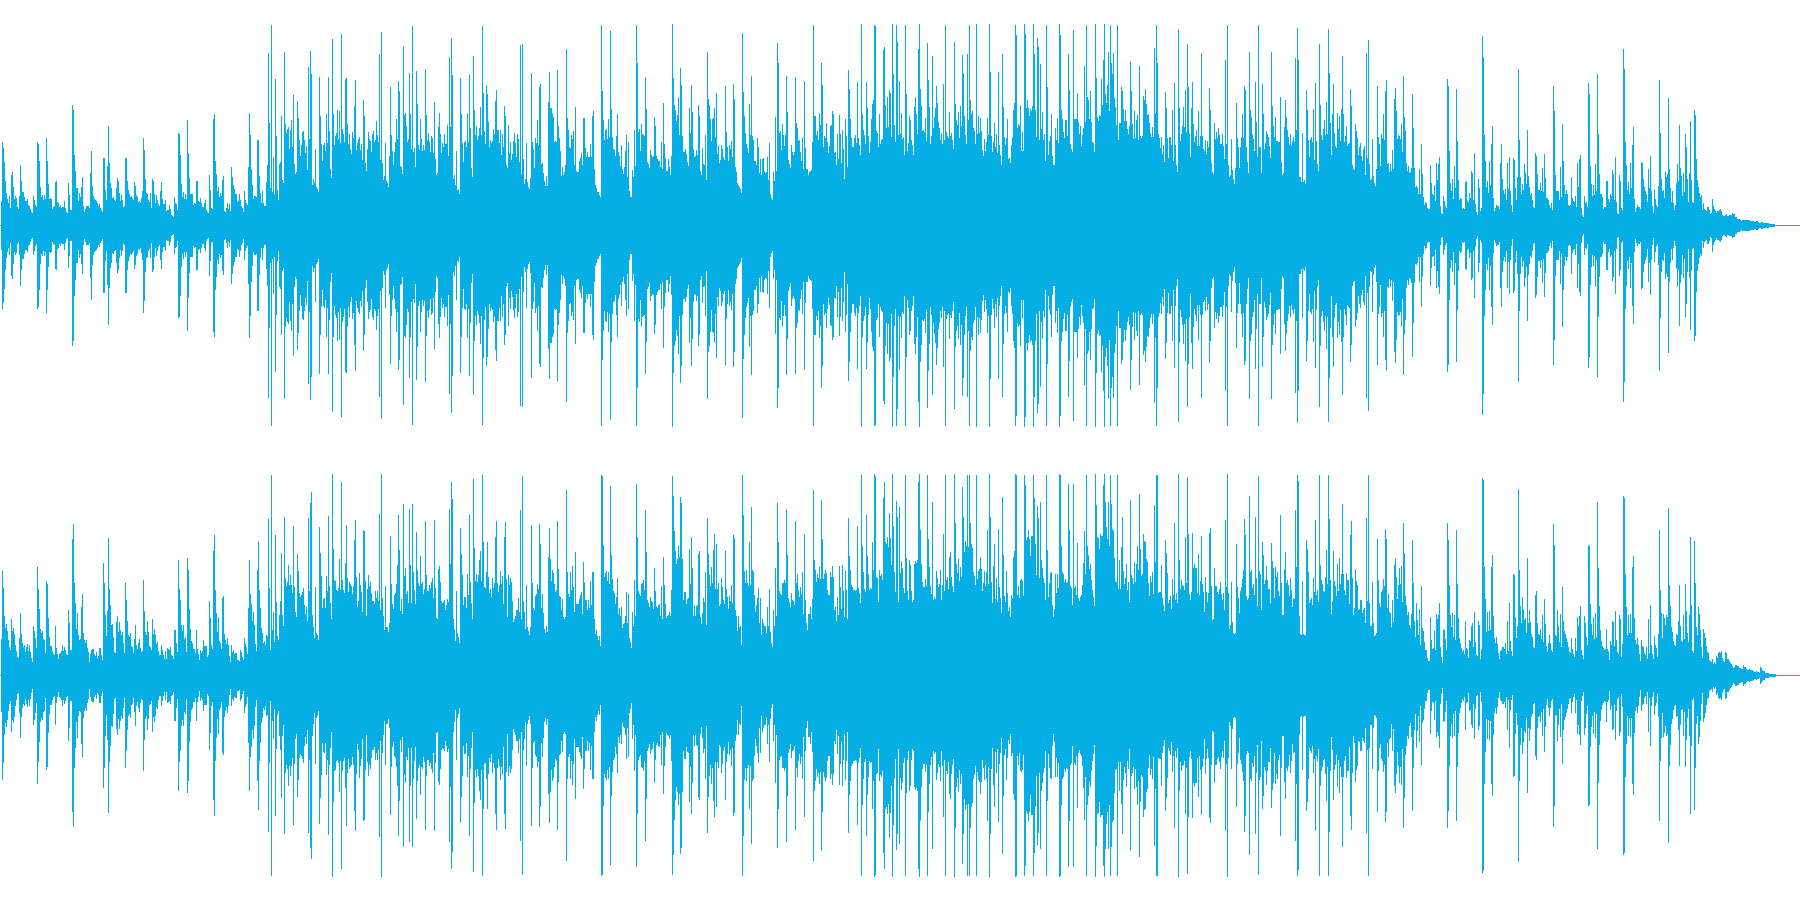 切ないピアノ アコギとブレイクビーツの再生済みの波形